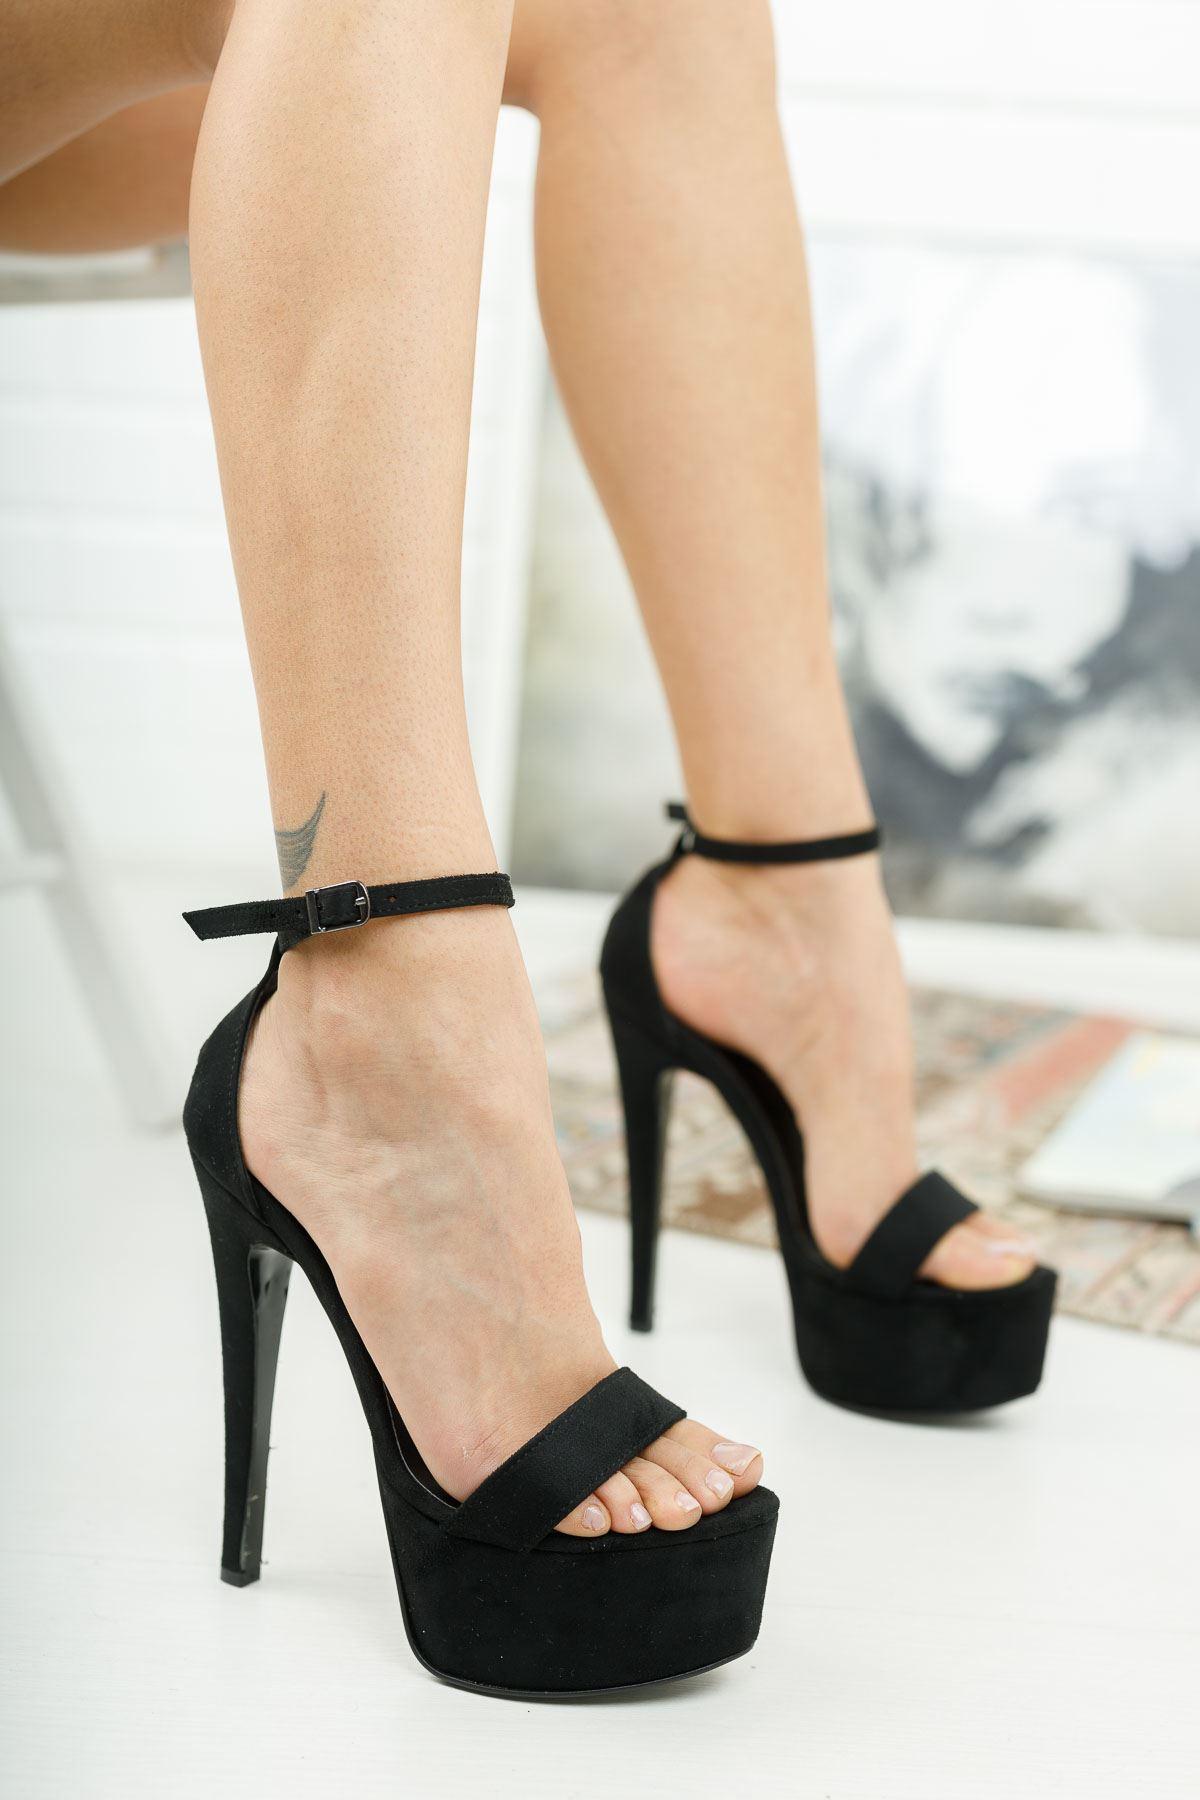 Levans Siyah Süet Yüksek Topuklu Kadın Ayakkabı